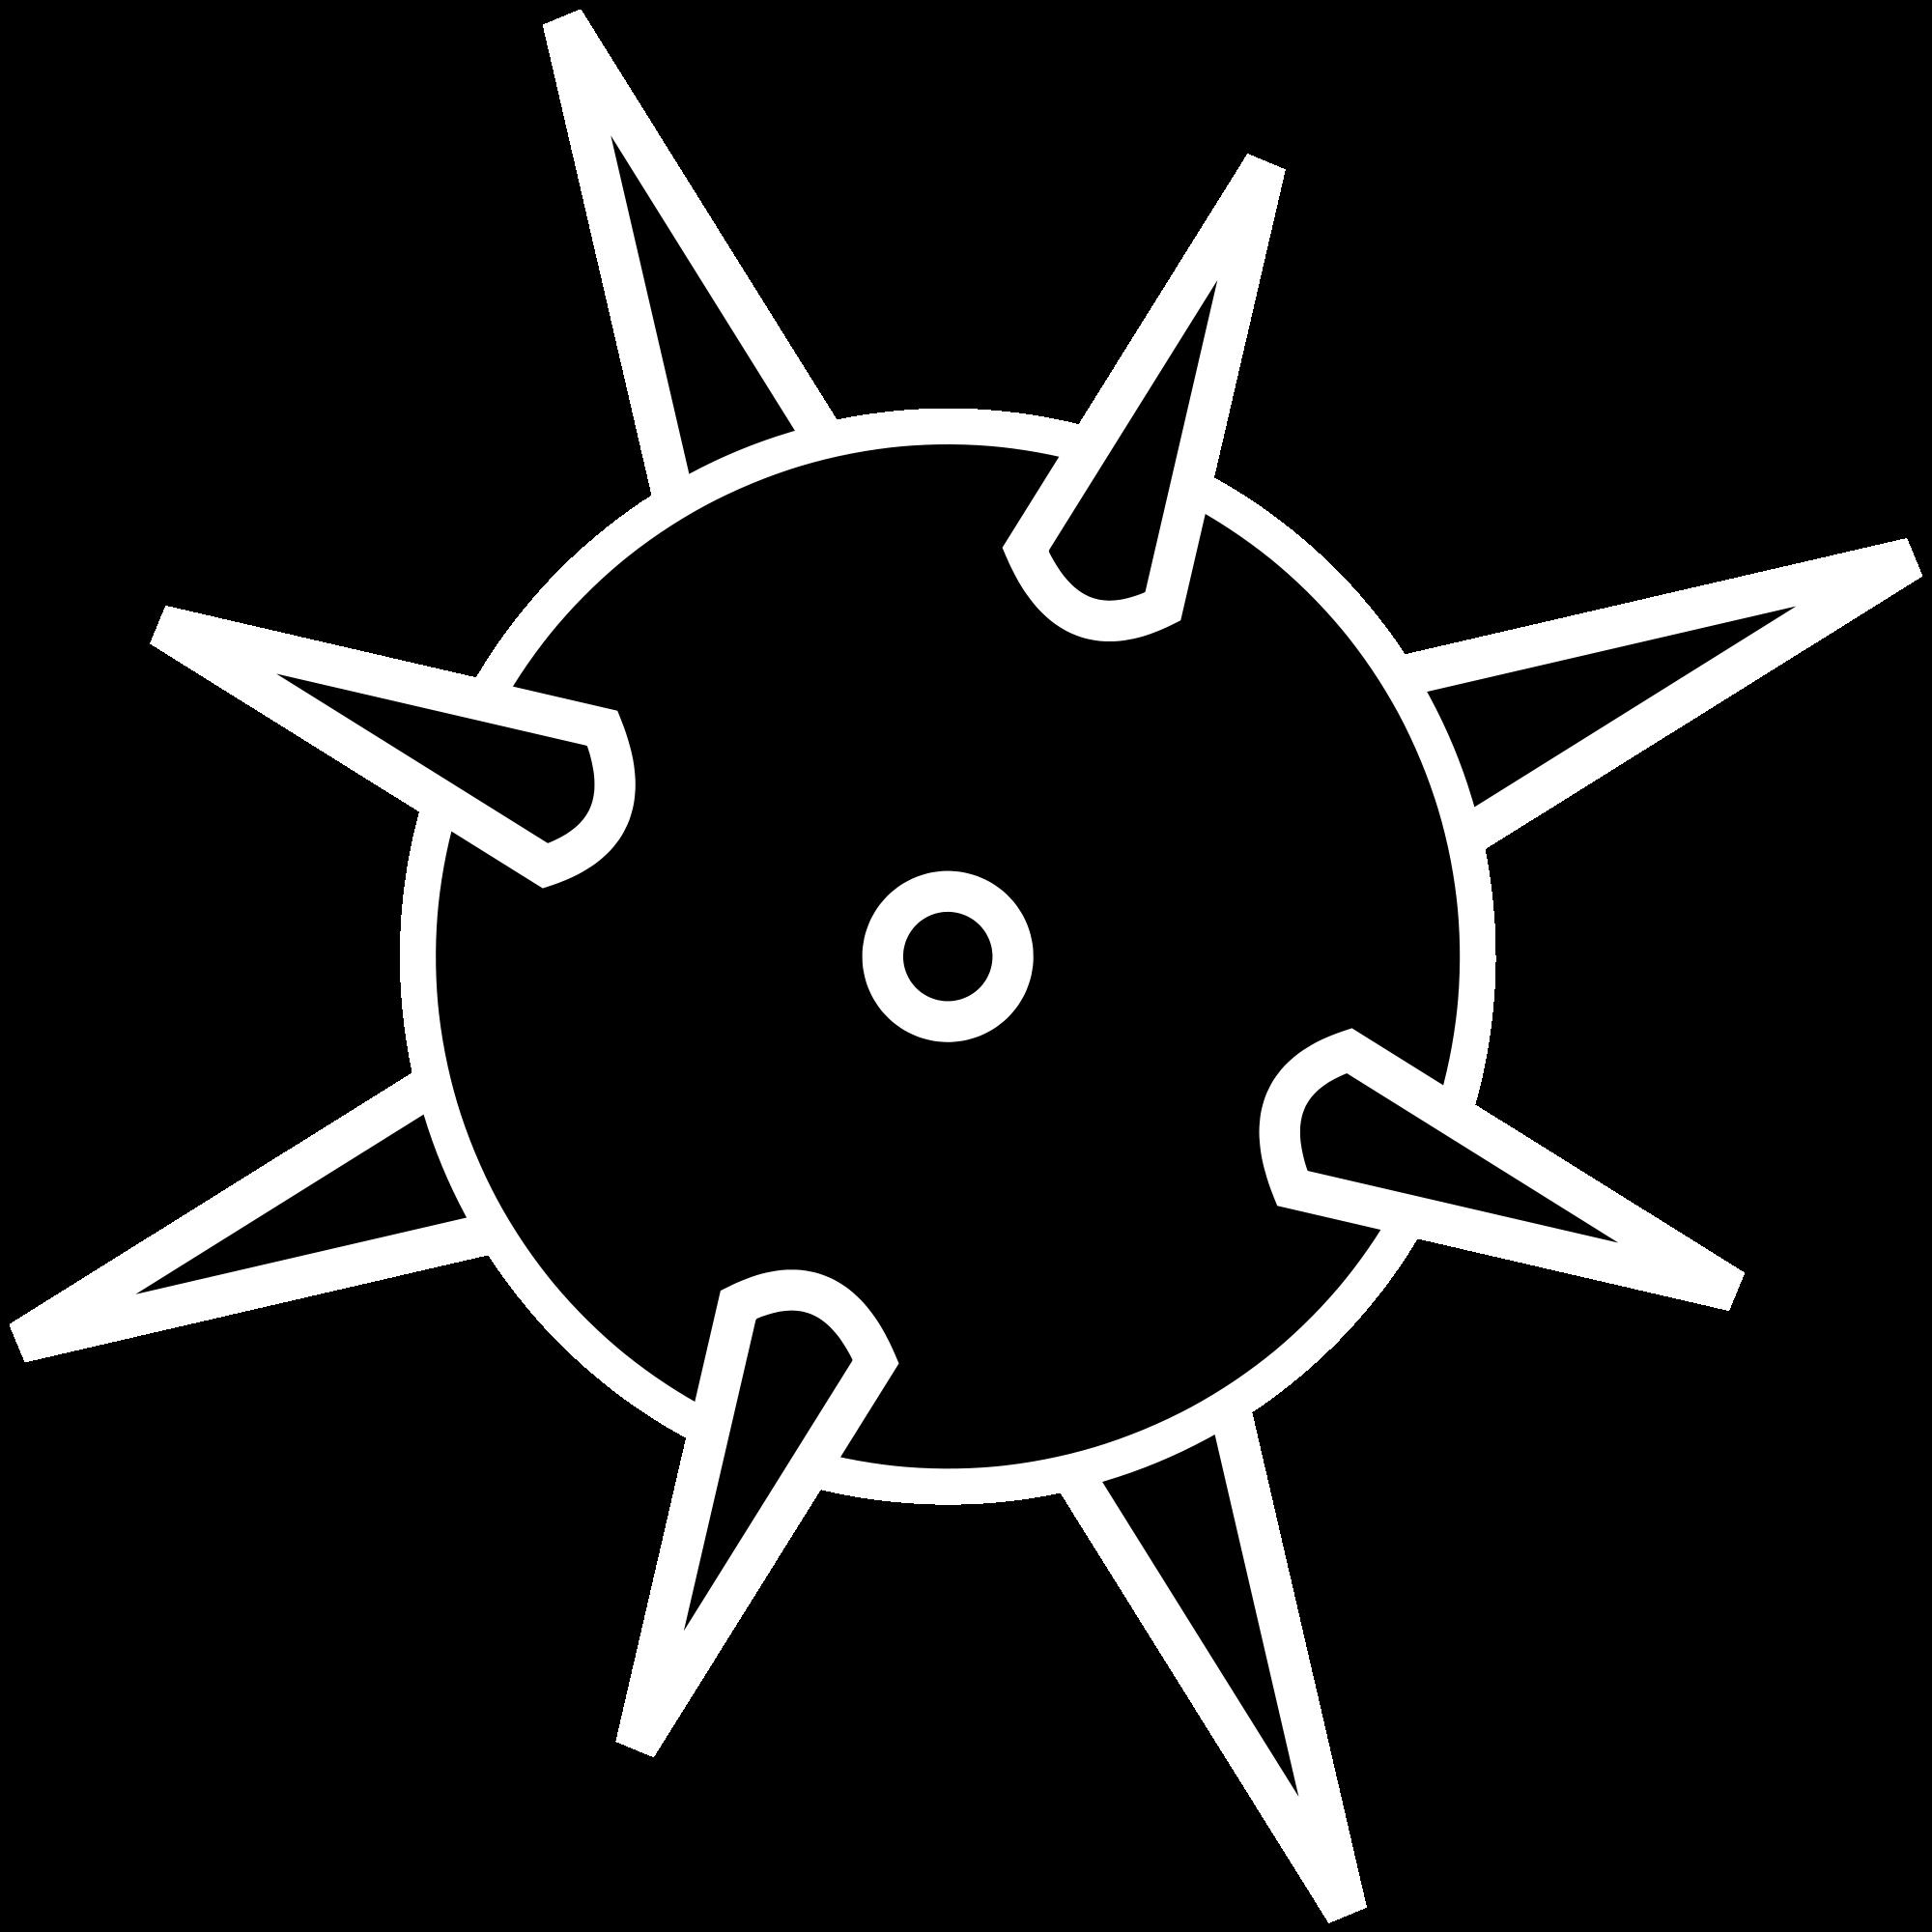 Open PlusPng.com  - Virus PNG